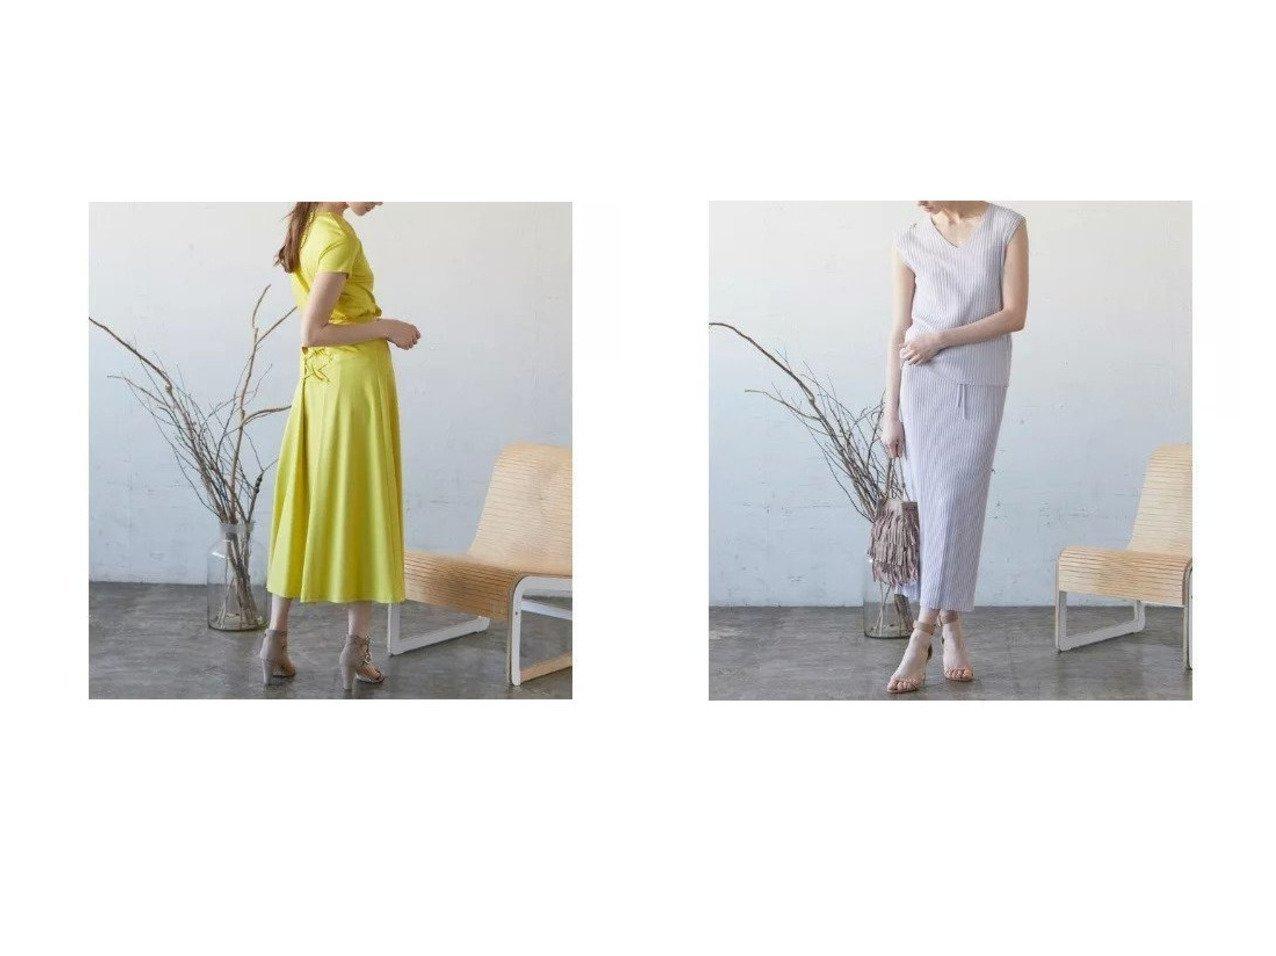 【CLEAR IMPRESSION/クリアインプレッション】の《musee》クールタッチコットンレースアップスカート&ヴィスコースナイロンリブニットタイトスカート 【スカート】おすすめ!人気、トレンド・レディースファッションの通販 おすすめで人気の流行・トレンド、ファッションの通販商品 インテリア・家具・メンズファッション・キッズファッション・レディースファッション・服の通販 founy(ファニー) https://founy.com/ ファッション Fashion レディースファッション WOMEN スカート Skirt カットソー シンプル セットアップ フレアースカート レース おすすめ Recommend ロング |ID:crp329100000047536